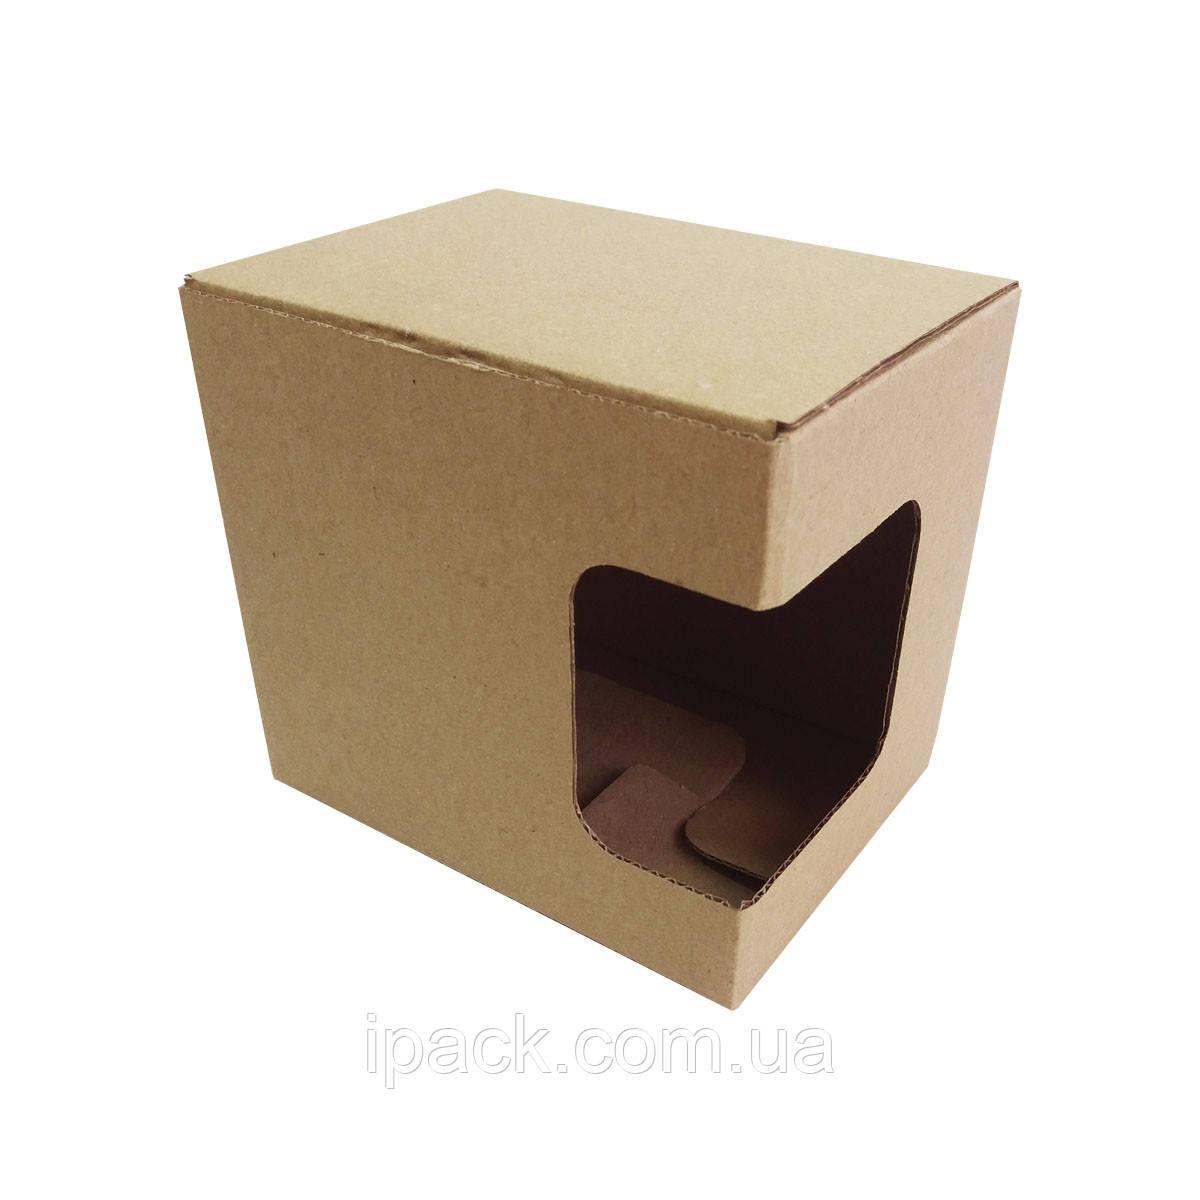 Коробка картонная самосборная с окошком 120*90*110 мм бурая крафт микрогофрокартон